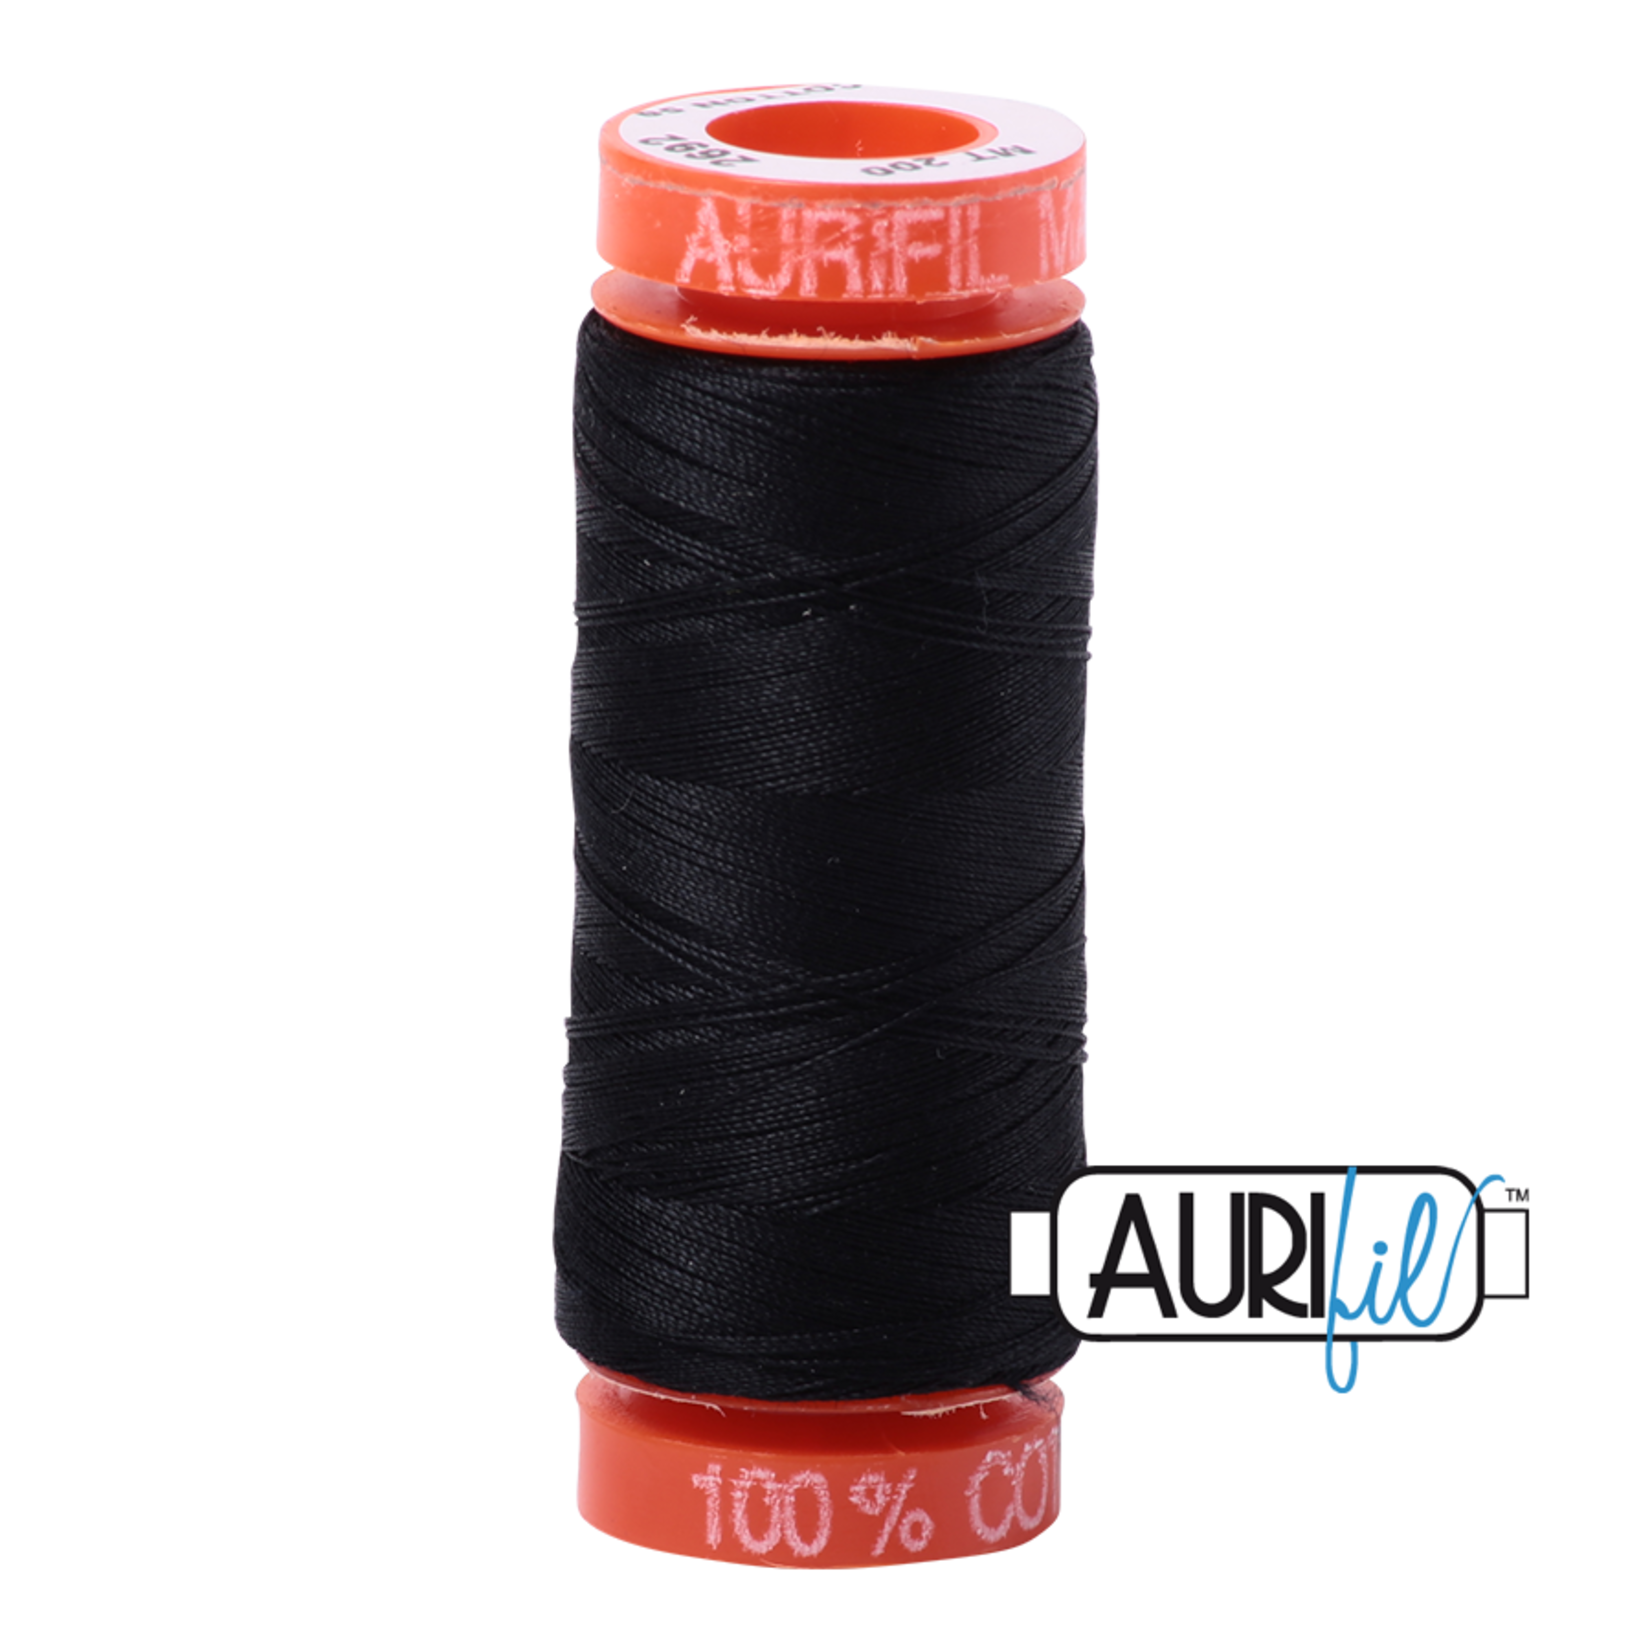 AURIFIL AURIFIL 50 WT Black 2692 Small Spool